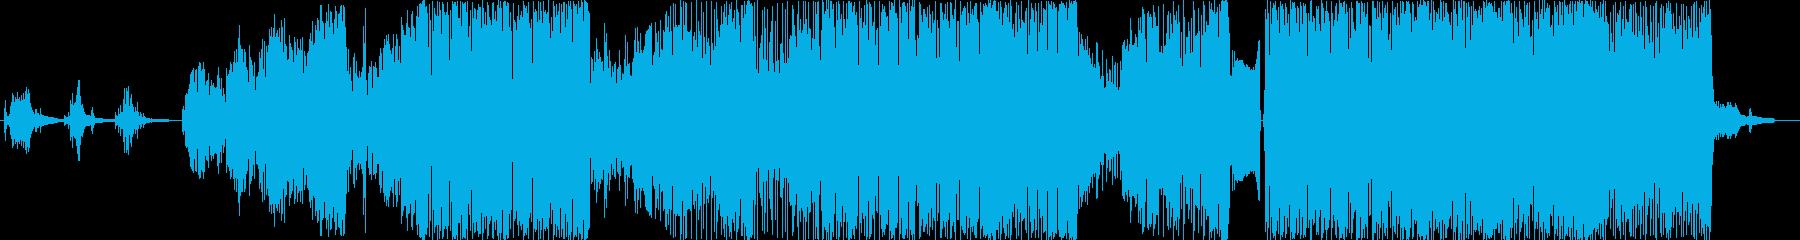 CHUの再生済みの波形